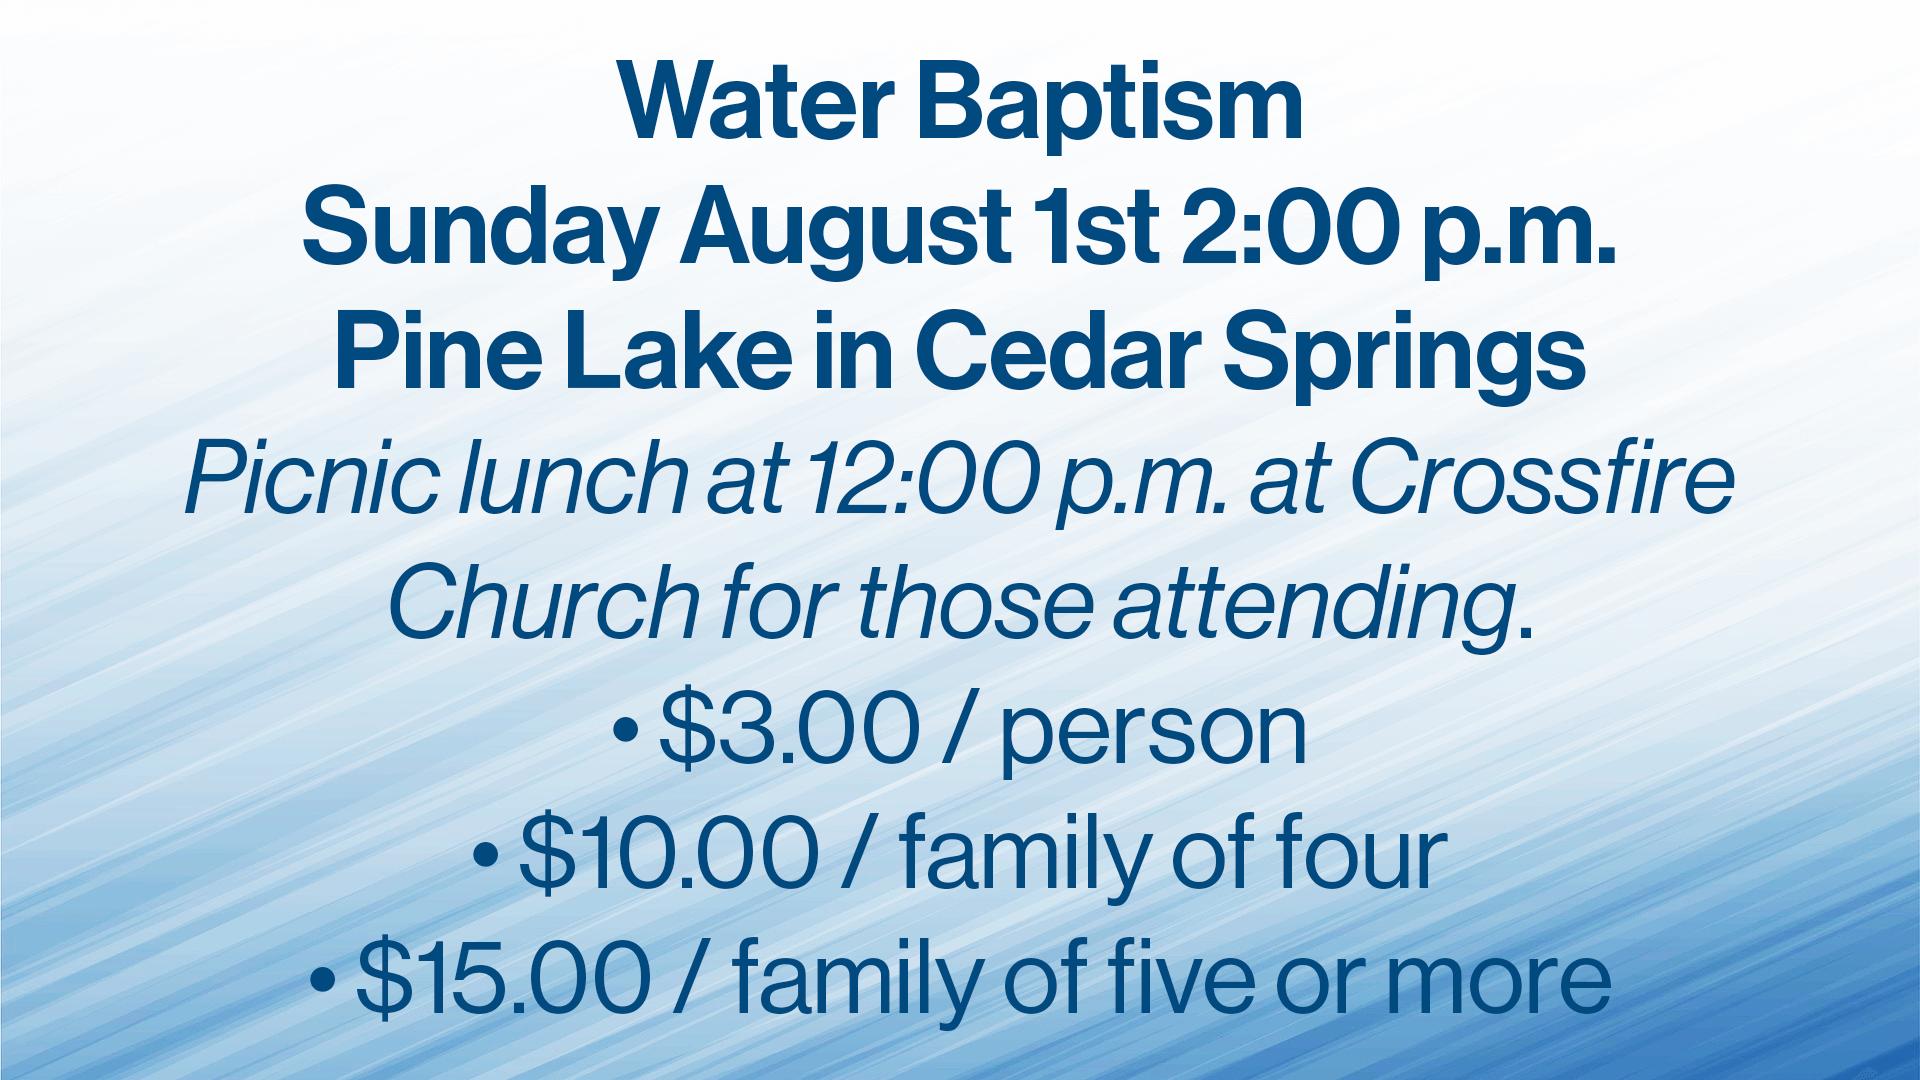 waterbaptism_2.png